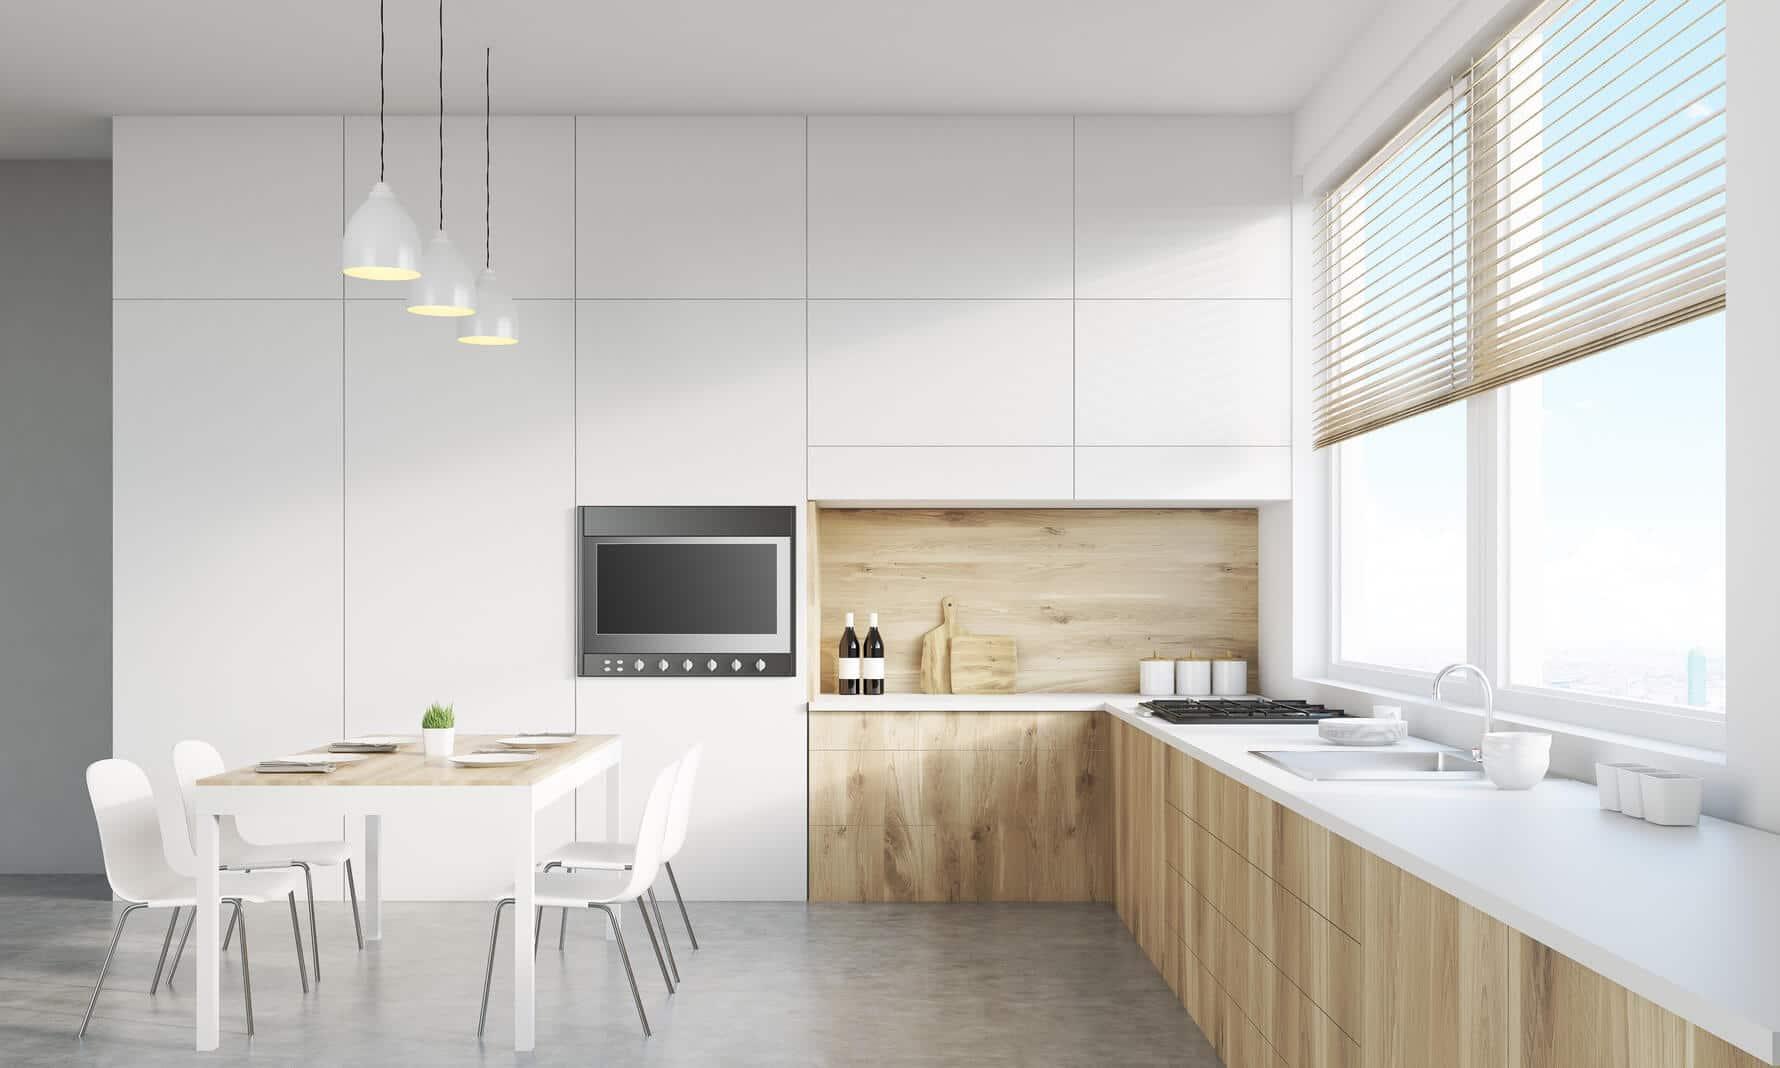 maklergeb hren wie hoch und wer zahlt ratgeber 2018. Black Bedroom Furniture Sets. Home Design Ideas